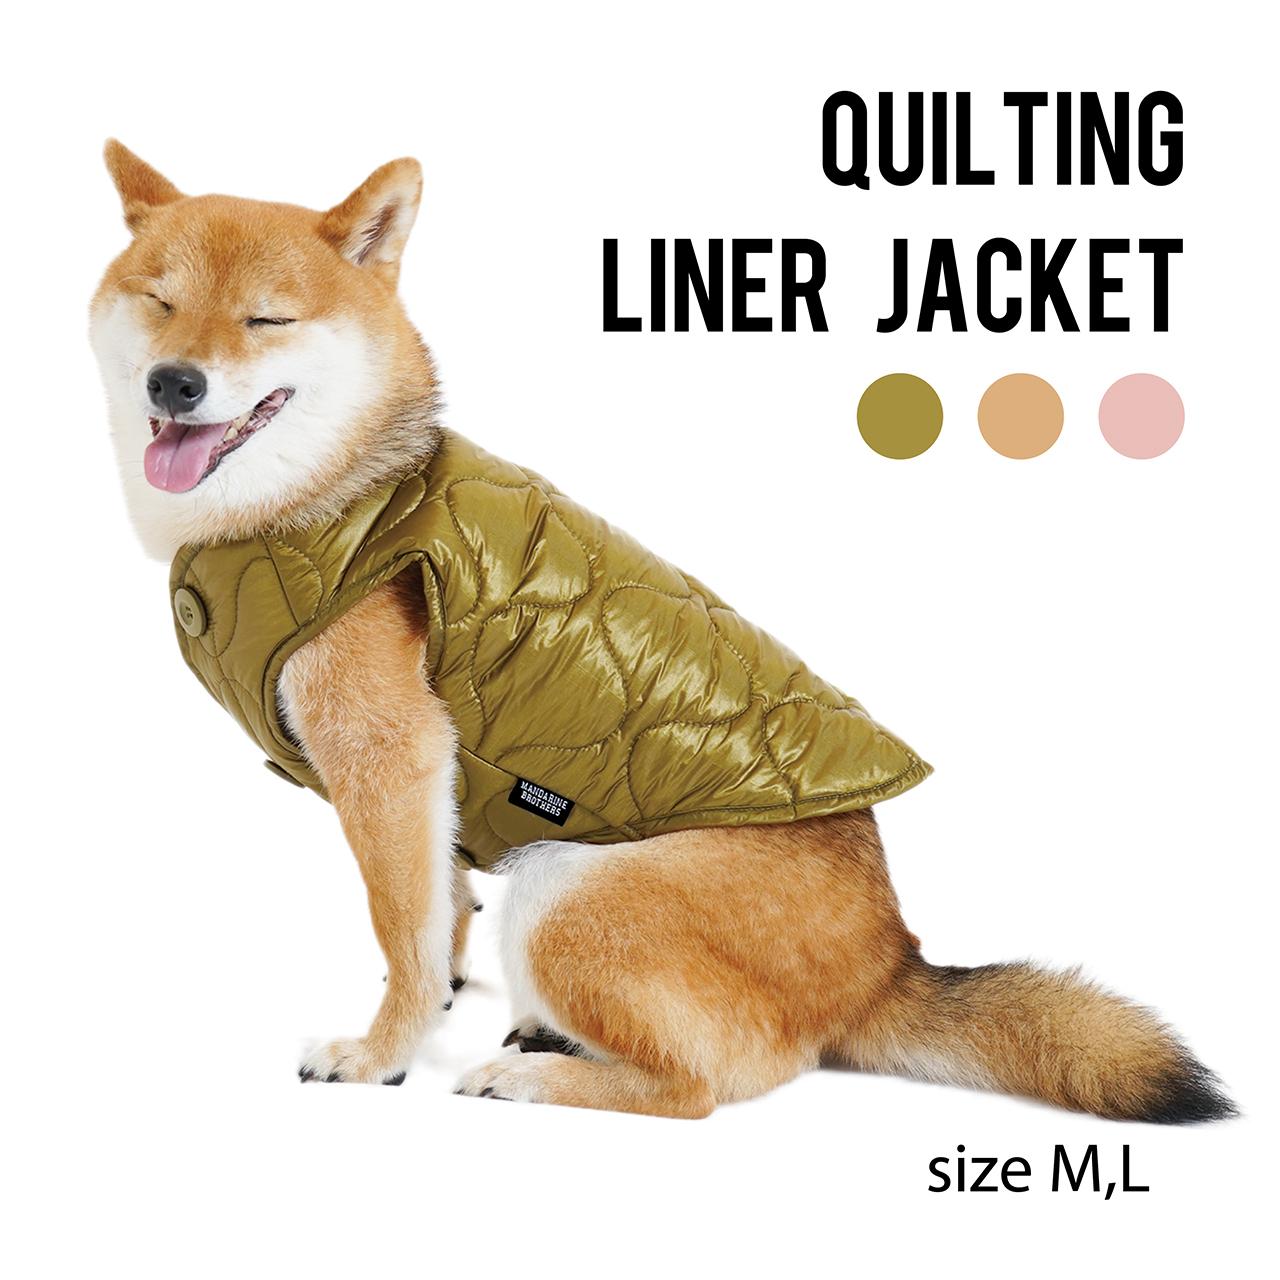 QUILTING LINNER JACKET(M,L) キルティングライナージャケット